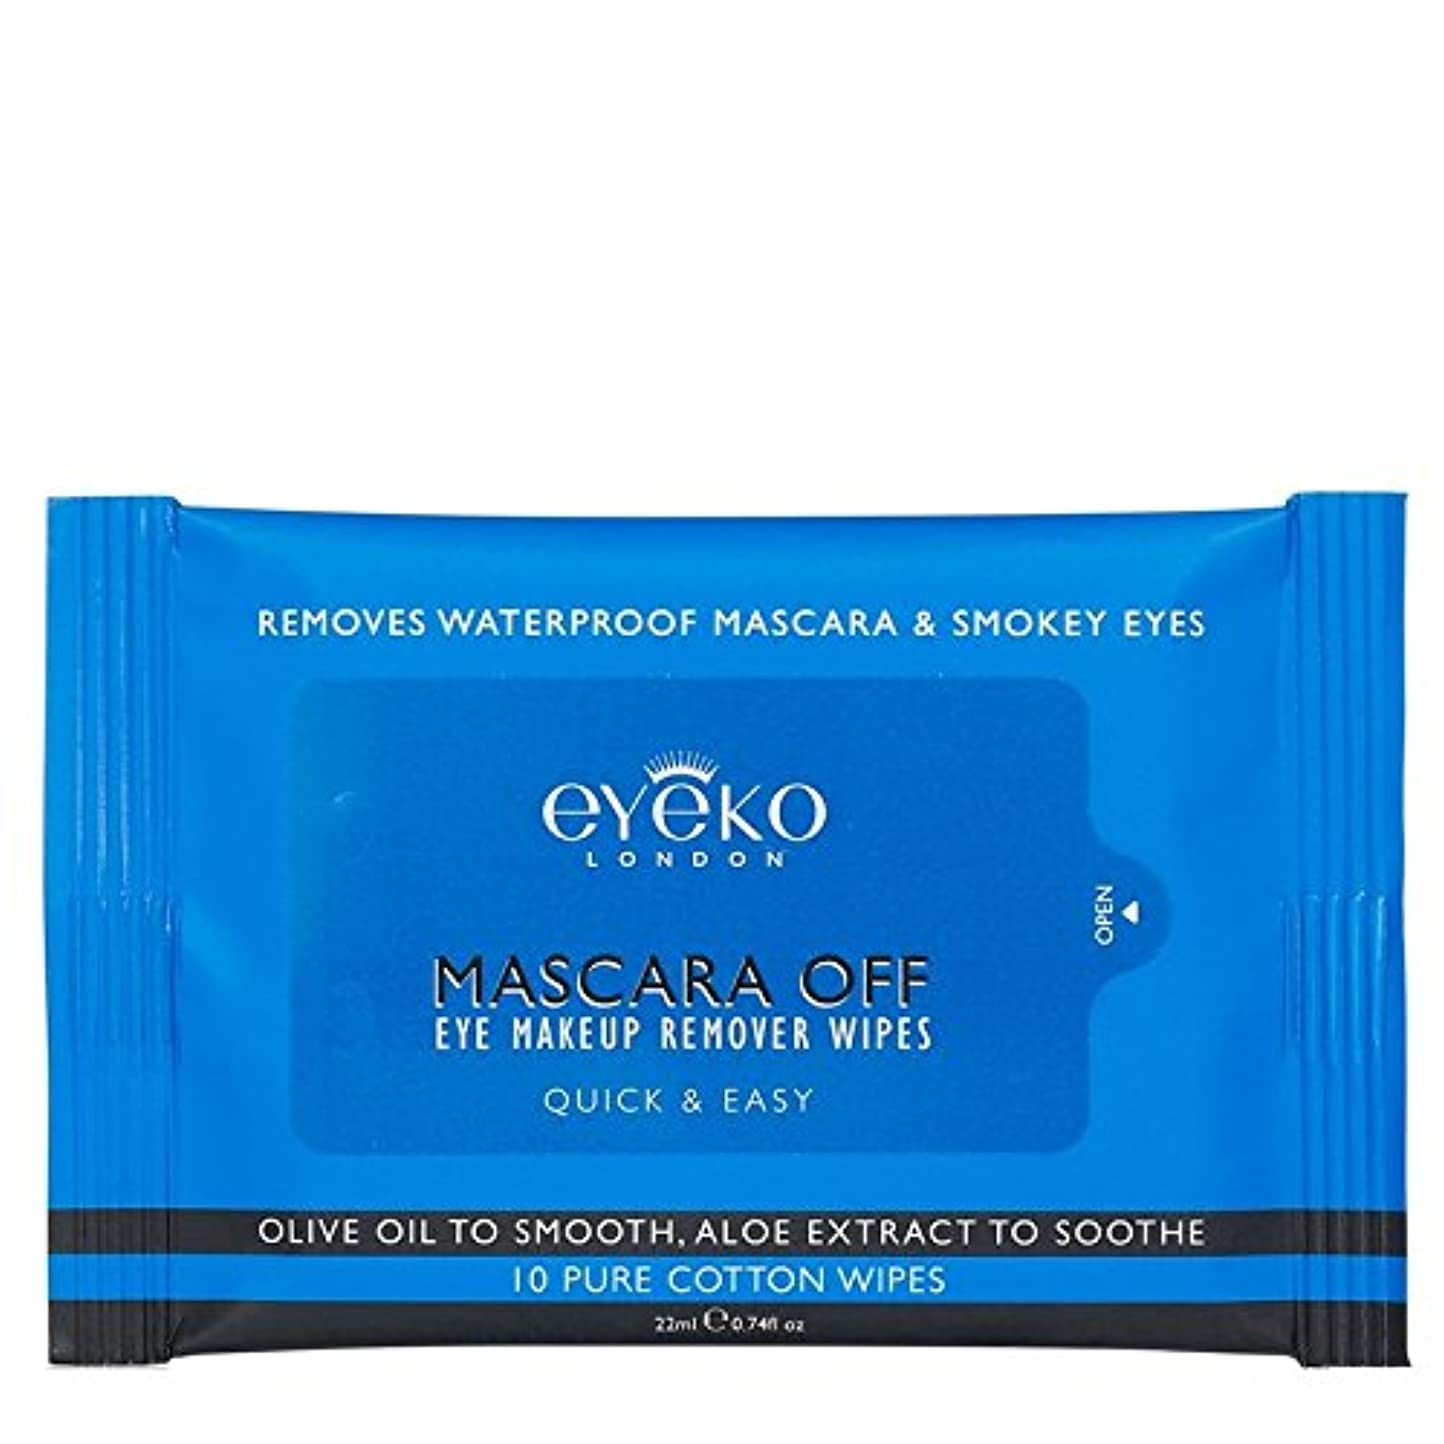 外交できればやりすぎマスカラオフパックあたり10ワイプ x2 - Eyeko Mascara off Wipes 10 per pack (Pack of 2) [並行輸入品]